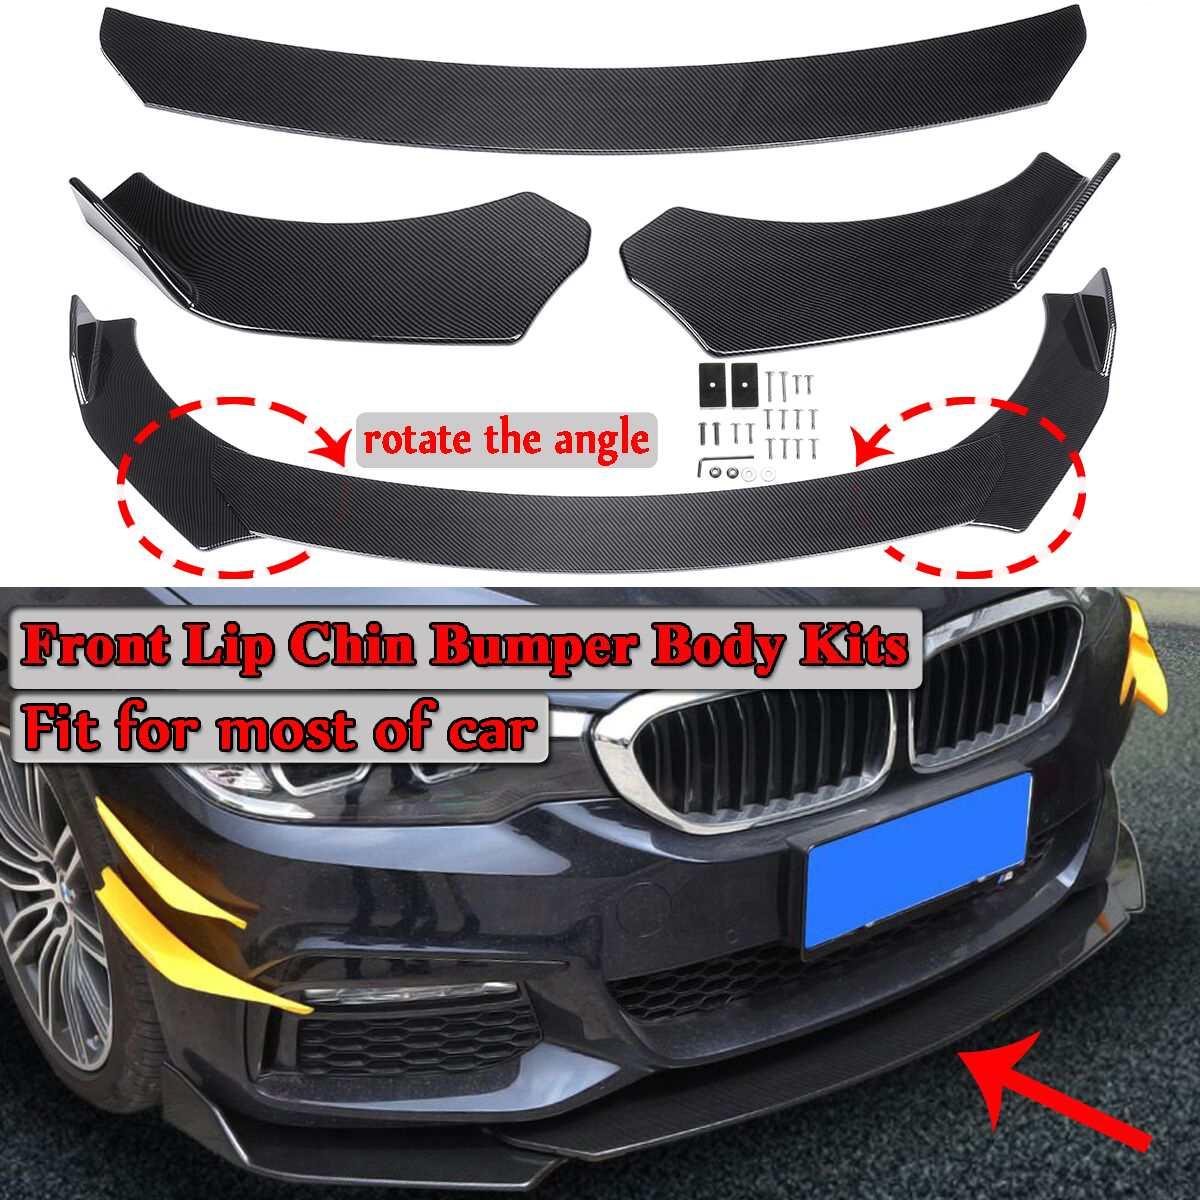 Olhar de Fibra De carbono/Preto 3 Peça Universal Frente Car Bumper Lip Chin Body Kits para Carros Divisor Difusor Para BMW para Benz Para Audi